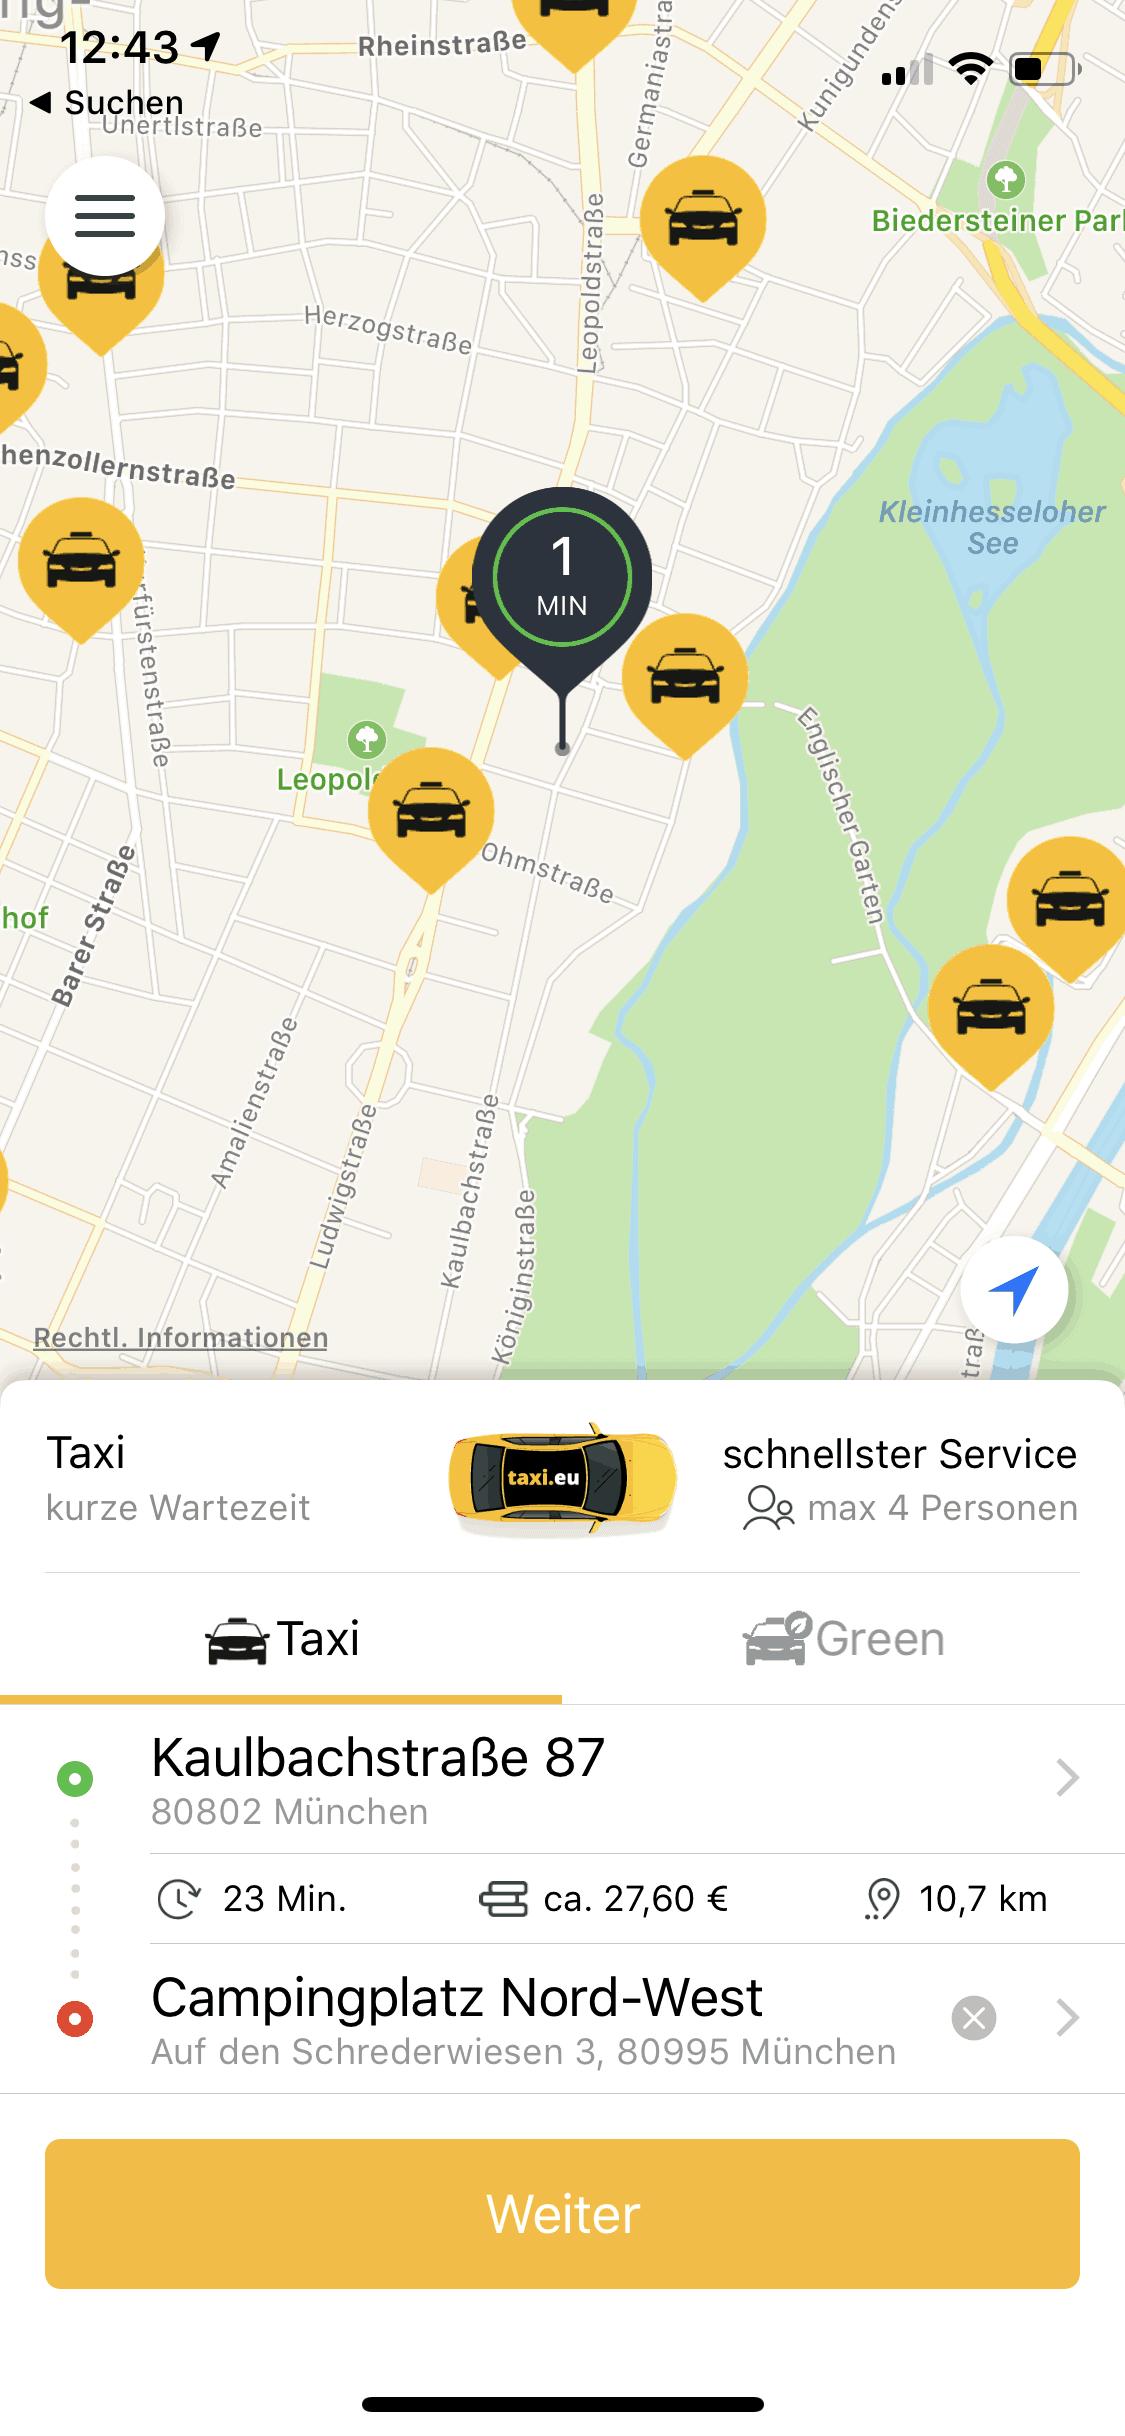 München_Taxi_Taxi_eu_App